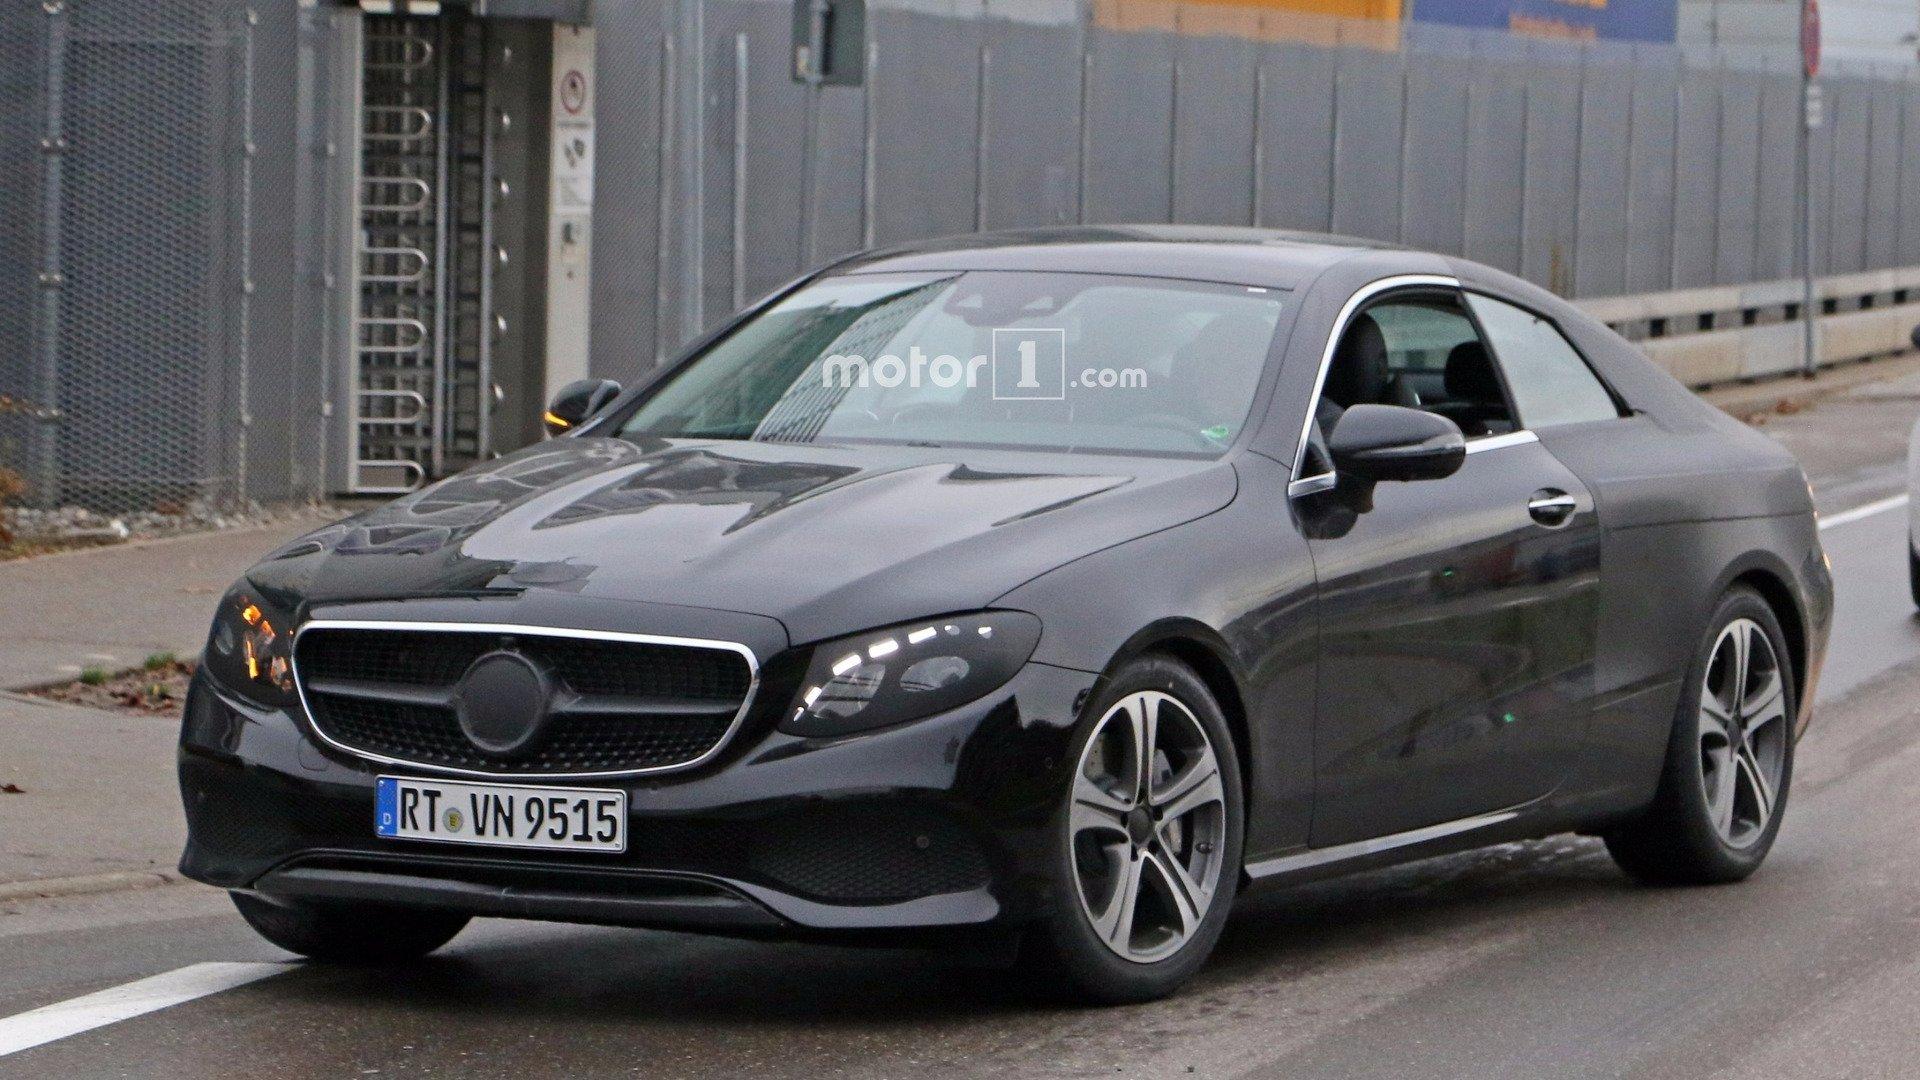 Автошпионы рассекретили новое купе 2-дверного Mercedes E-Class